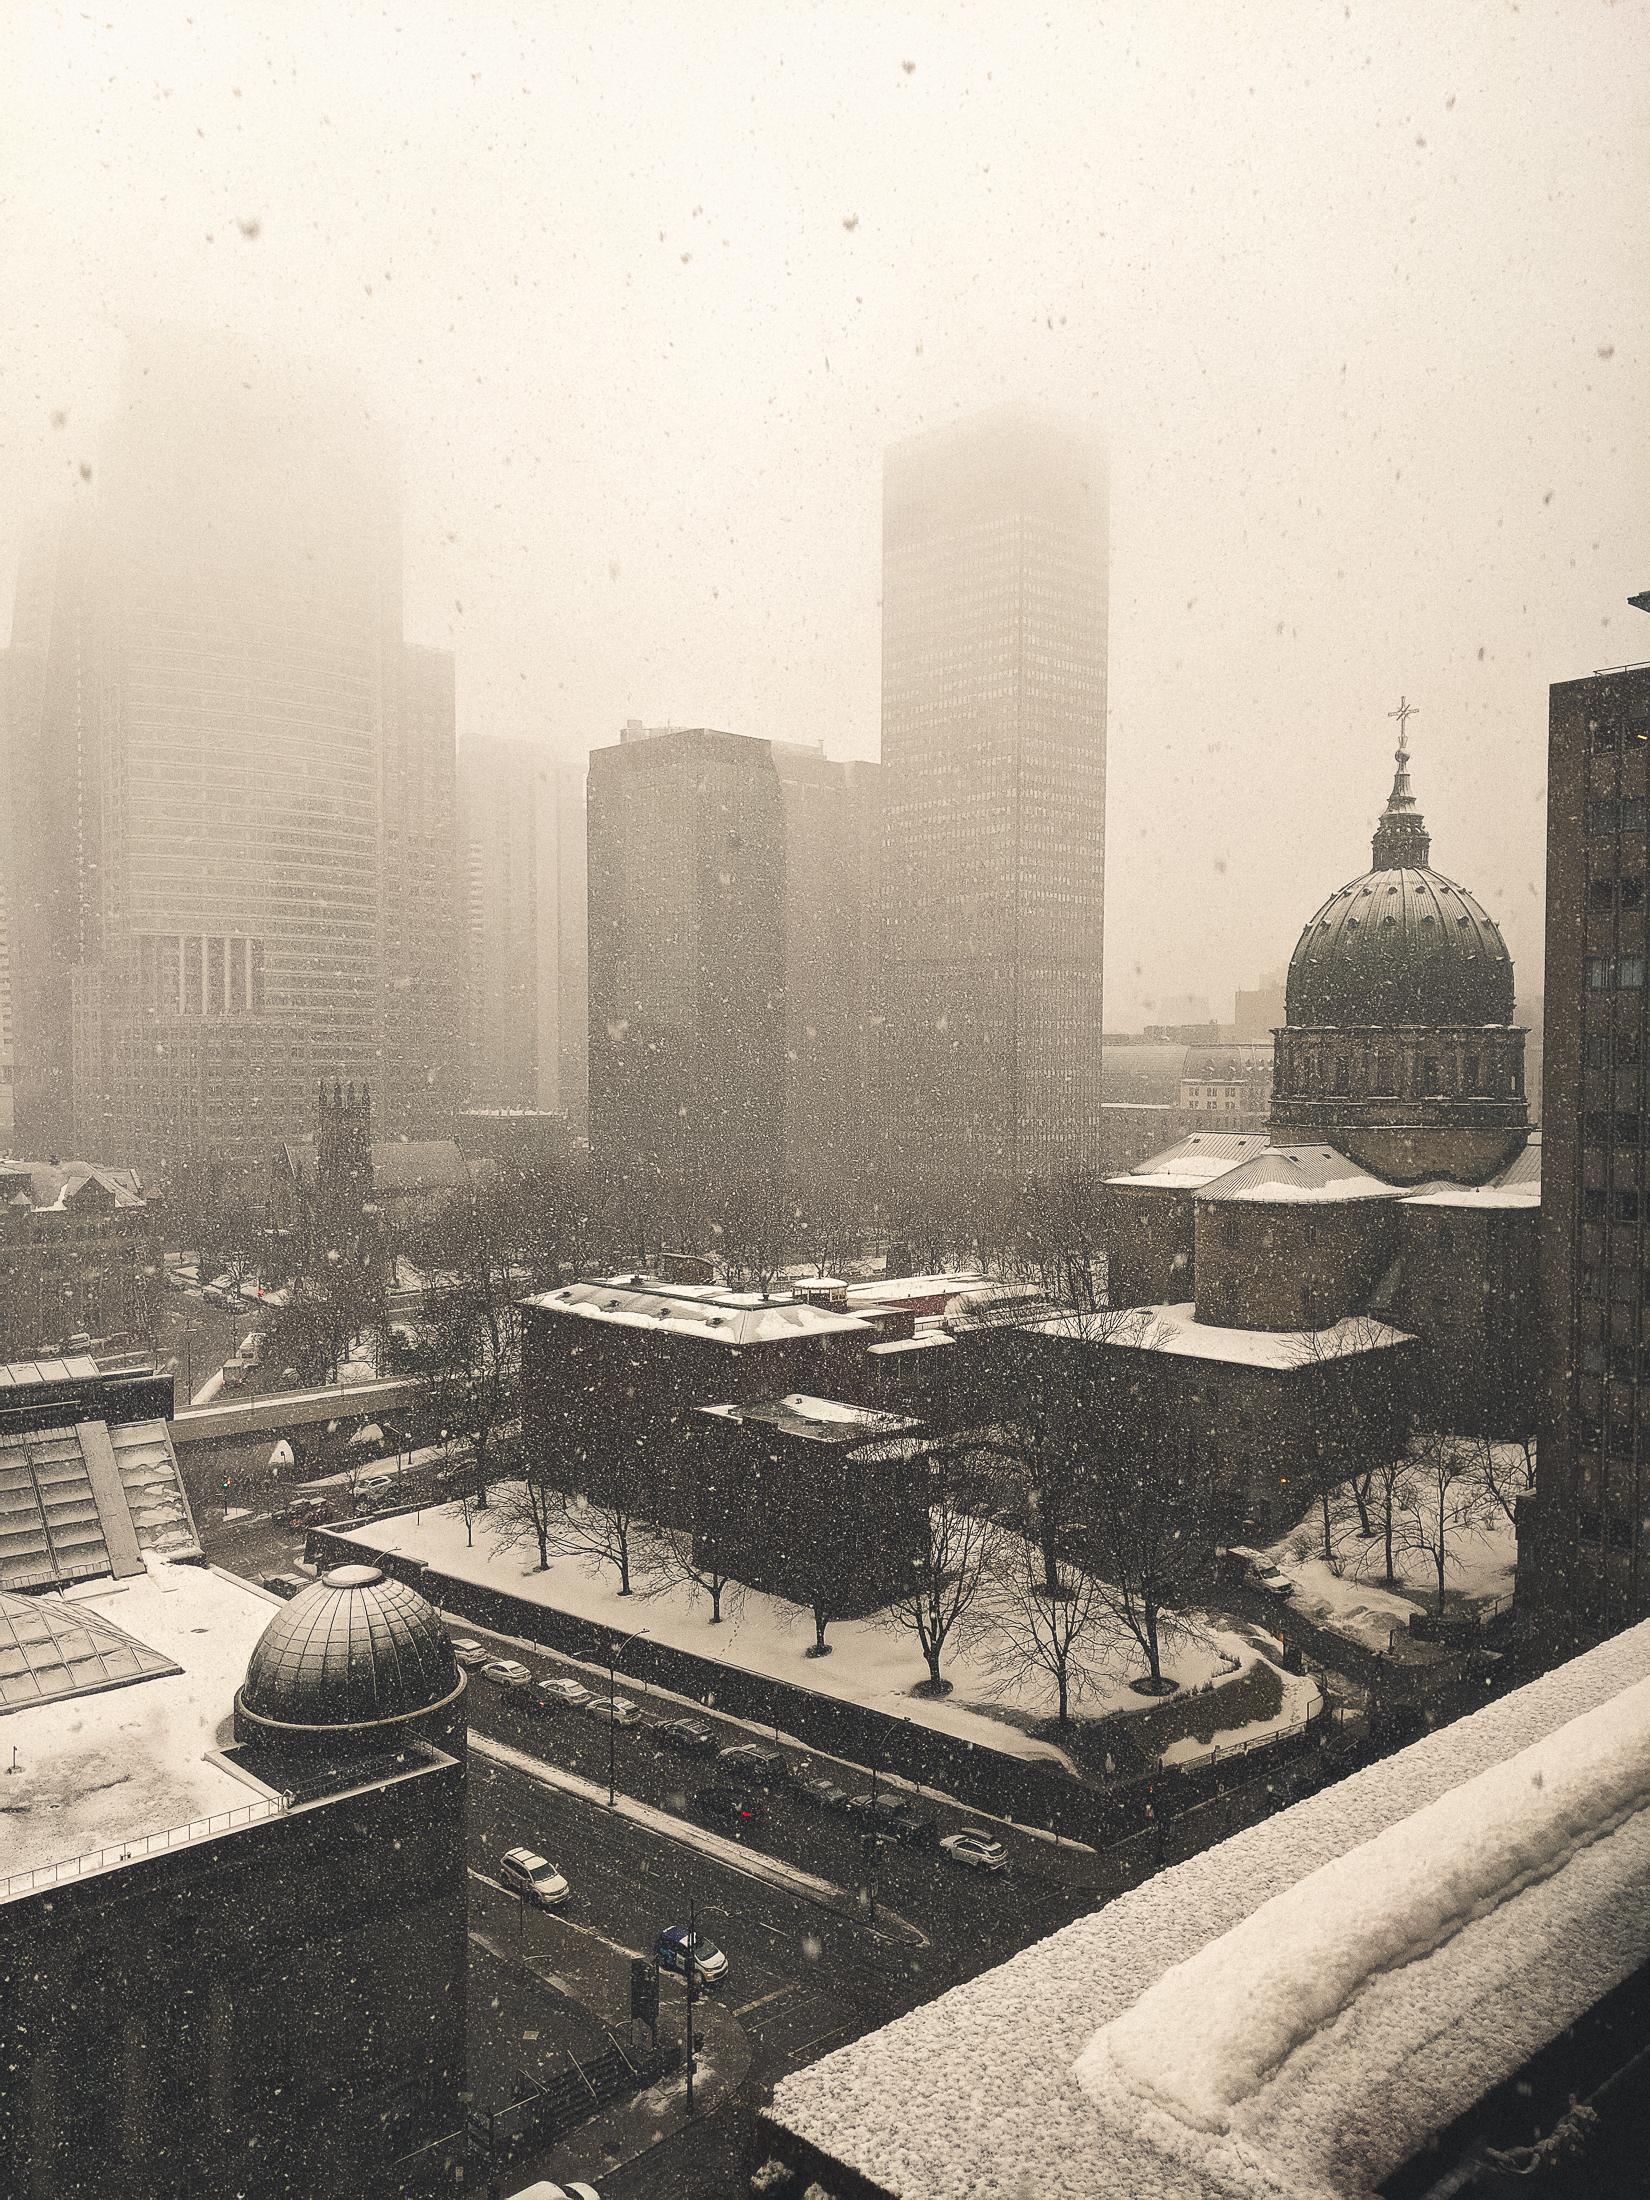 le centre-ville de Montréal sous une tempête de neige